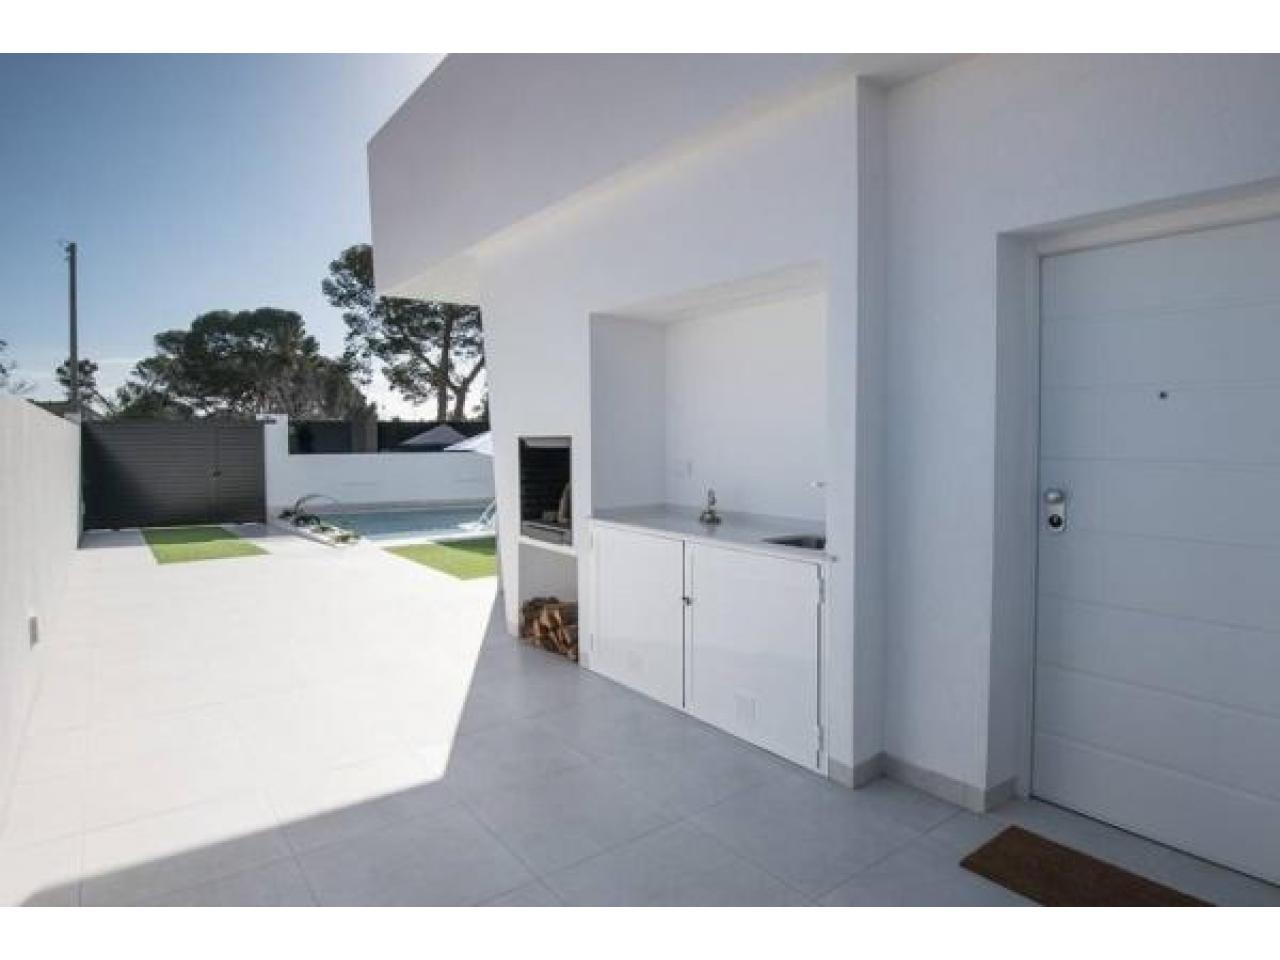 Недвижимость в Испании, Новая вилла рядом с пляжем от застройщика в Сан-Хавьер - 4